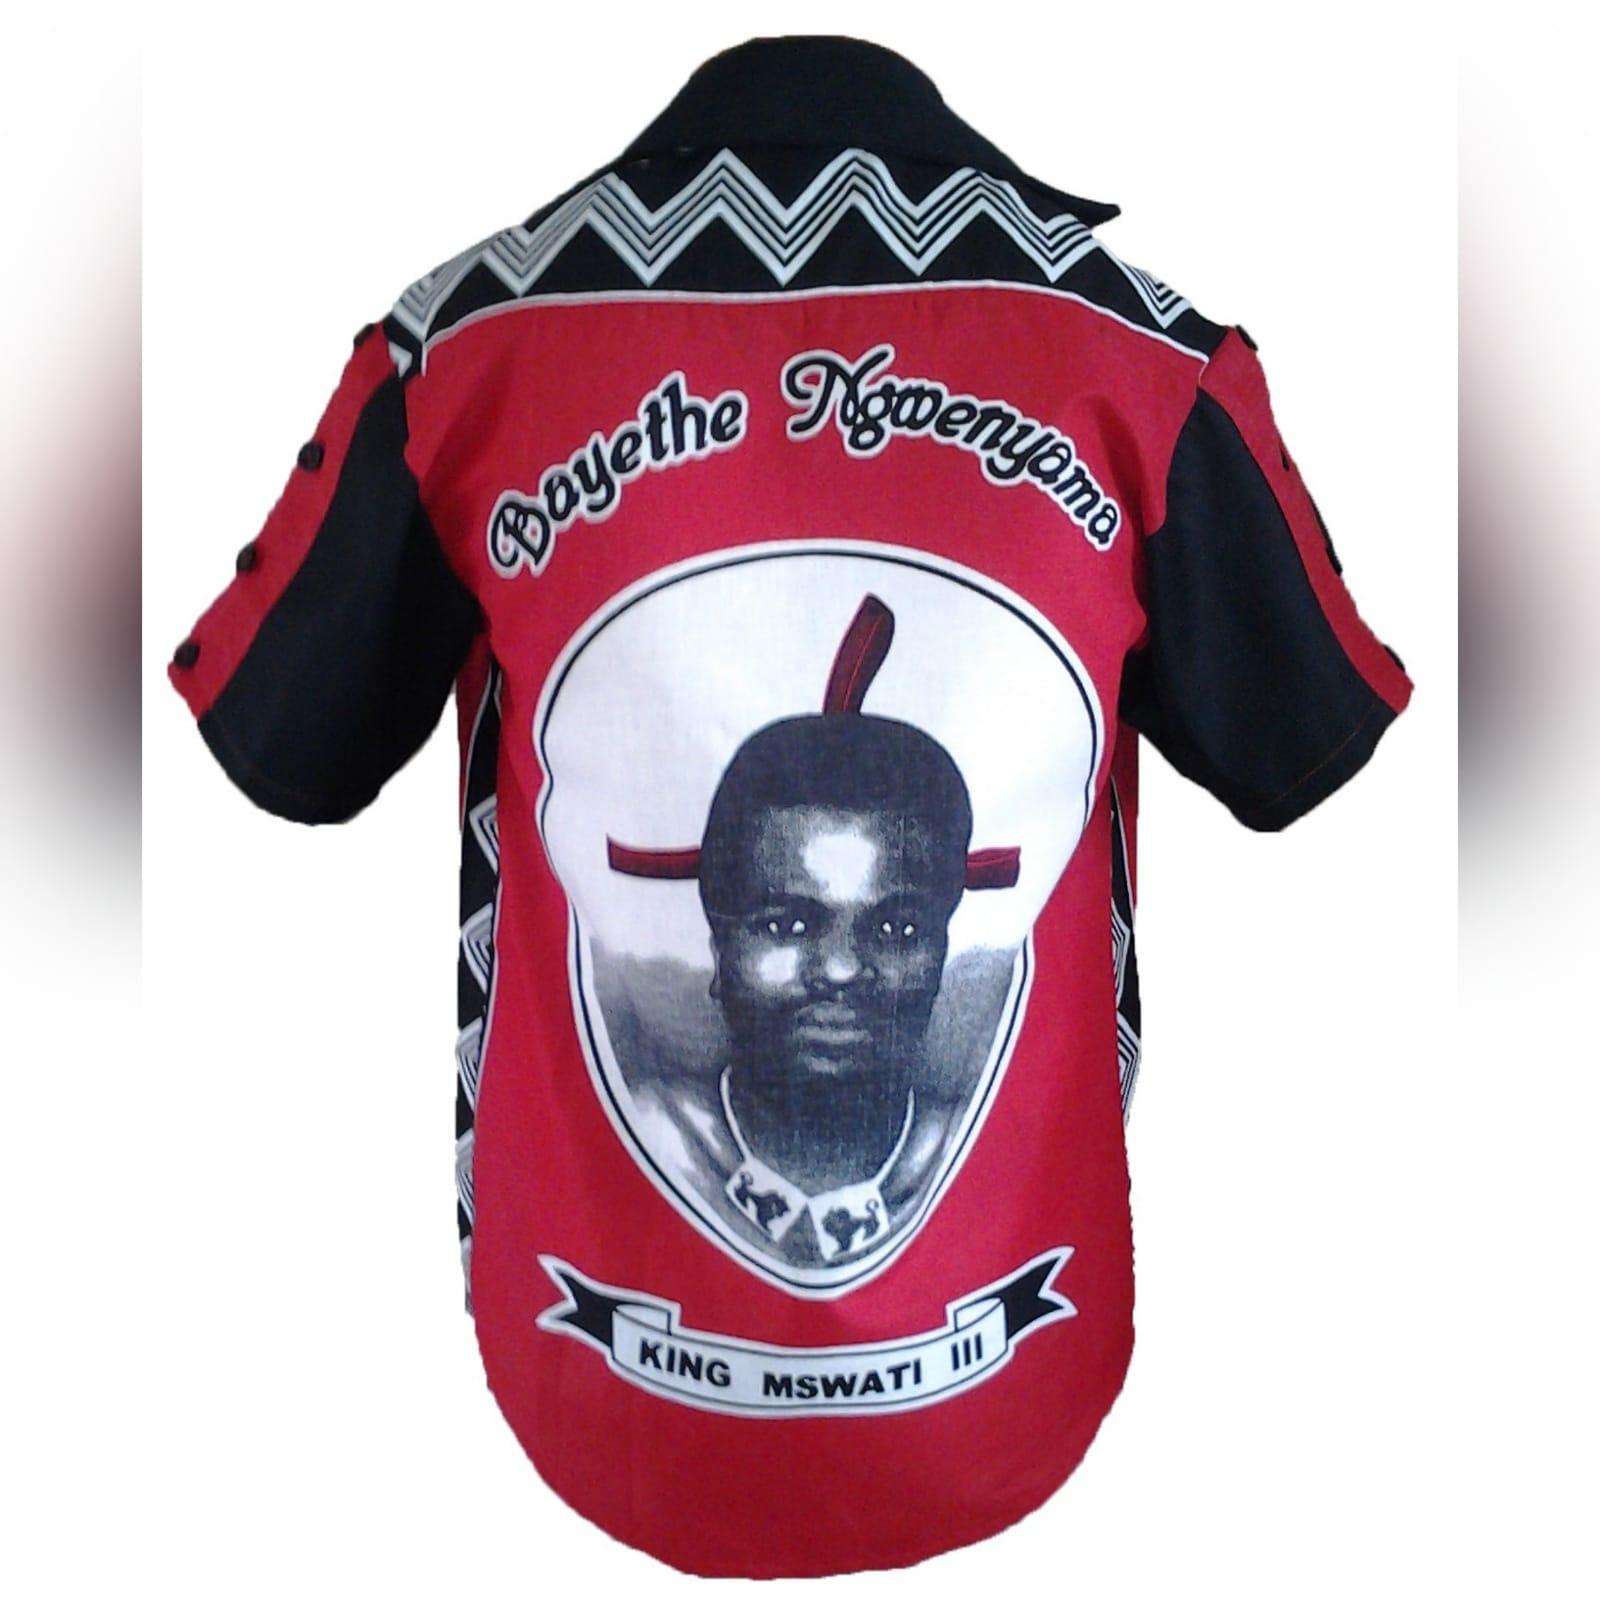 Camisa tradicional tecido africano 6 camisa tradicional masculina em vermelho de tecido africano swati. Com detalhe de botões nas mangas